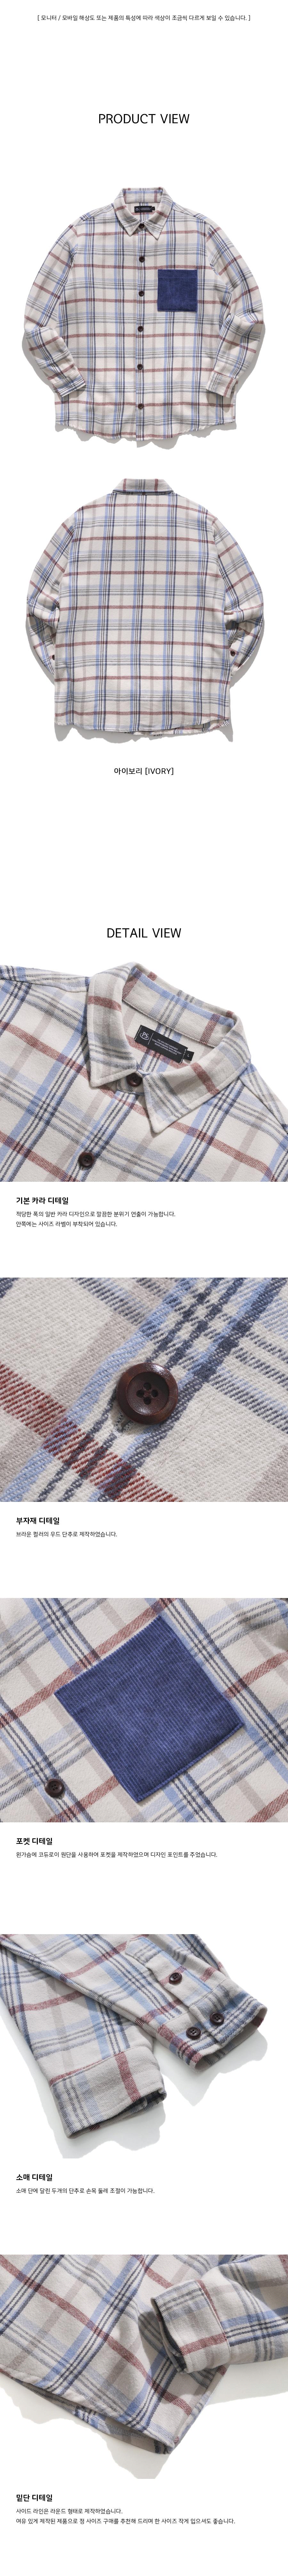 [퍼스텝] 토픽 체크 셔츠 3종 SMLS4380